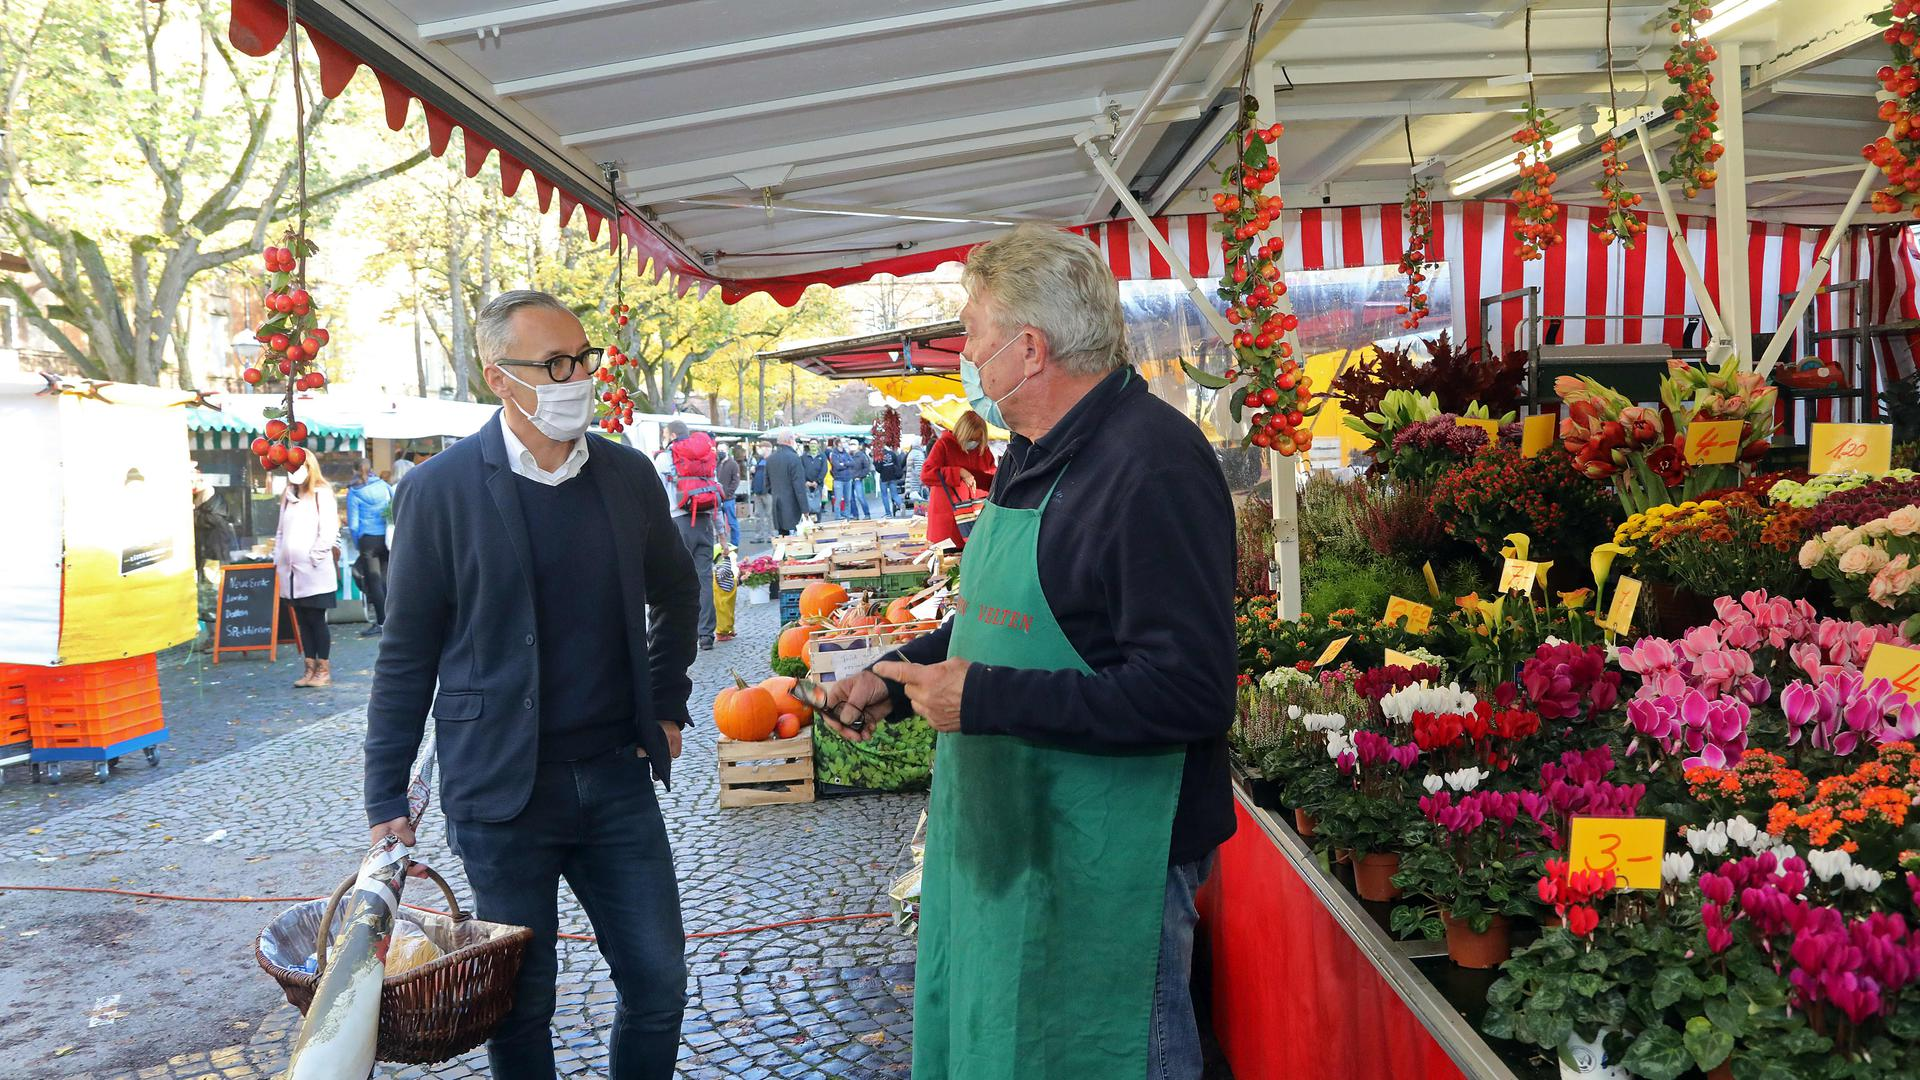 Wahlkampf im Lockdown: Sven Weigt, Bürgermeister von Karlsdorf-Neuthard, macht sich in Karlsruhe bekannt, hier auf dem Wochenmarkt. Große Veranstaltungen gehen im Moment nicht, Weigt setzt auch auf Online-Wahlkampf.